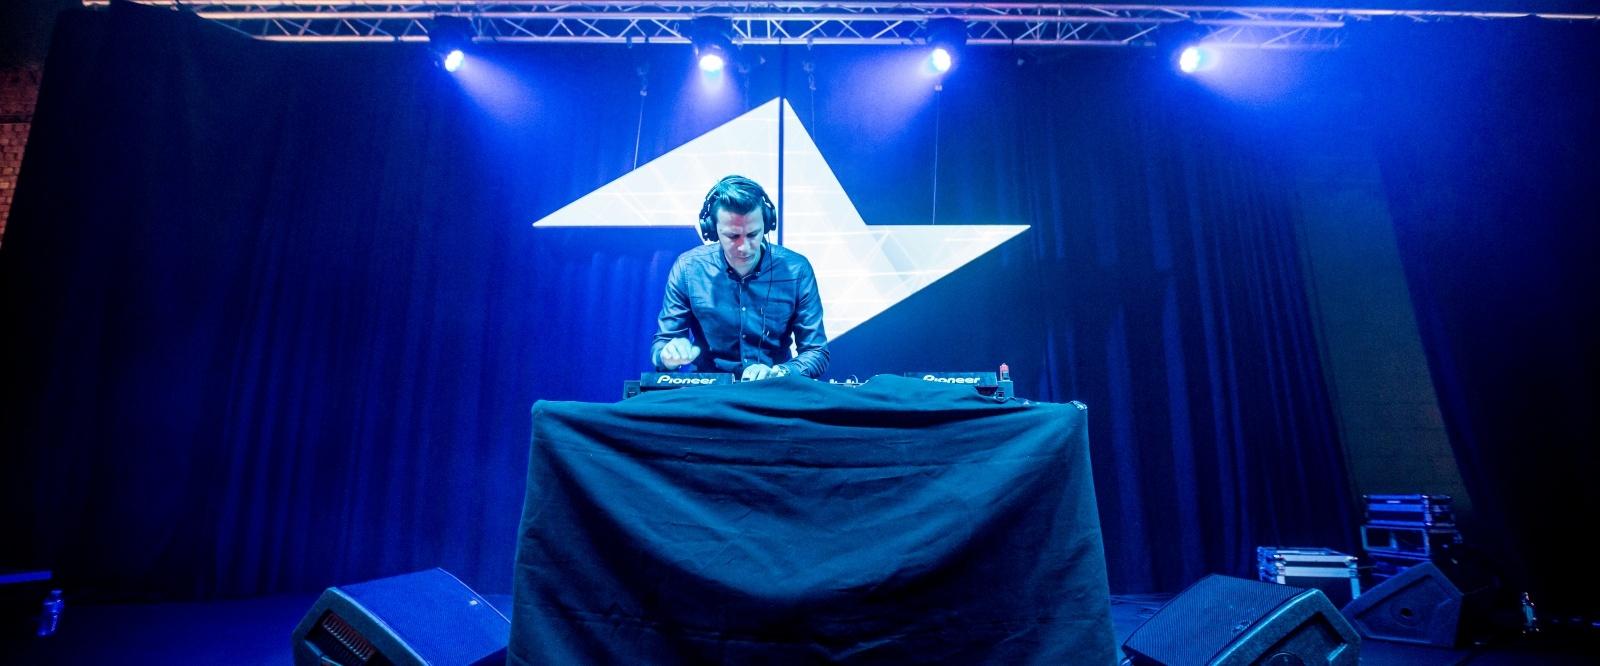 Bass-Tech Soundsystem verzorgt de beats op Work Smarter